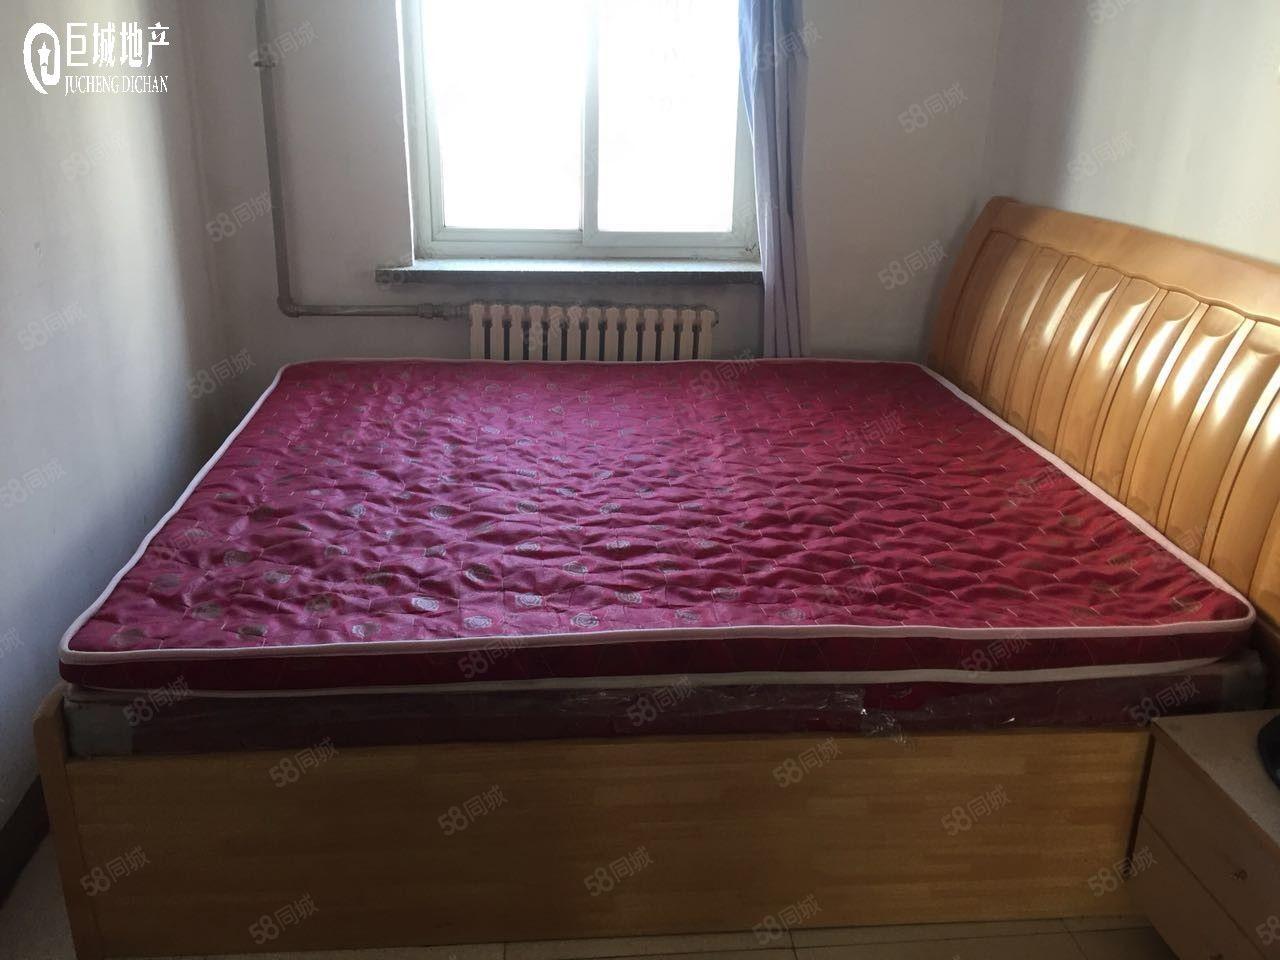 莲花小区800元2室2厅1卫中装,家电齐全,拎包入住